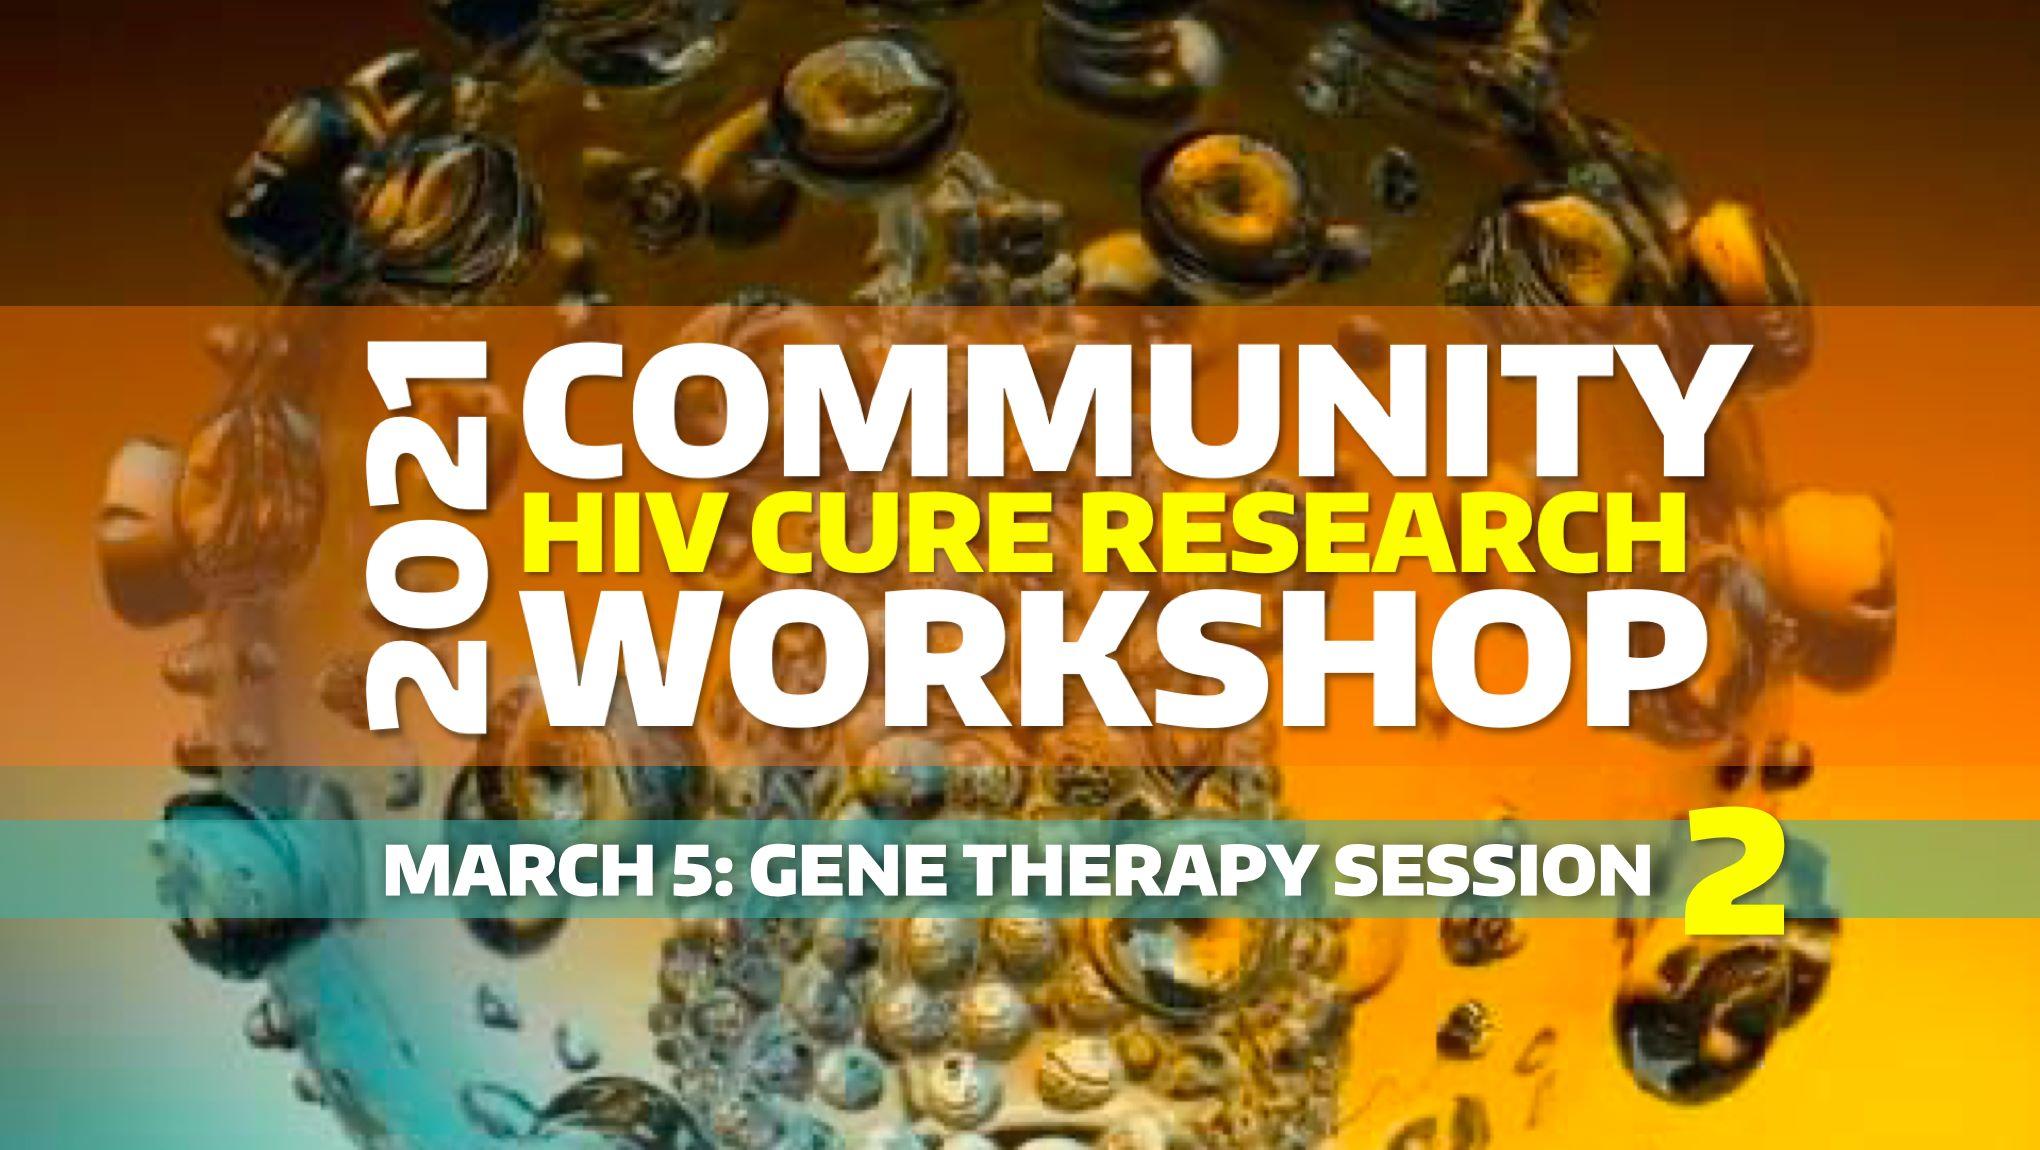 Узнайте больше об исследованиях по лечению ВИЧ на семинарах PRE-CROI